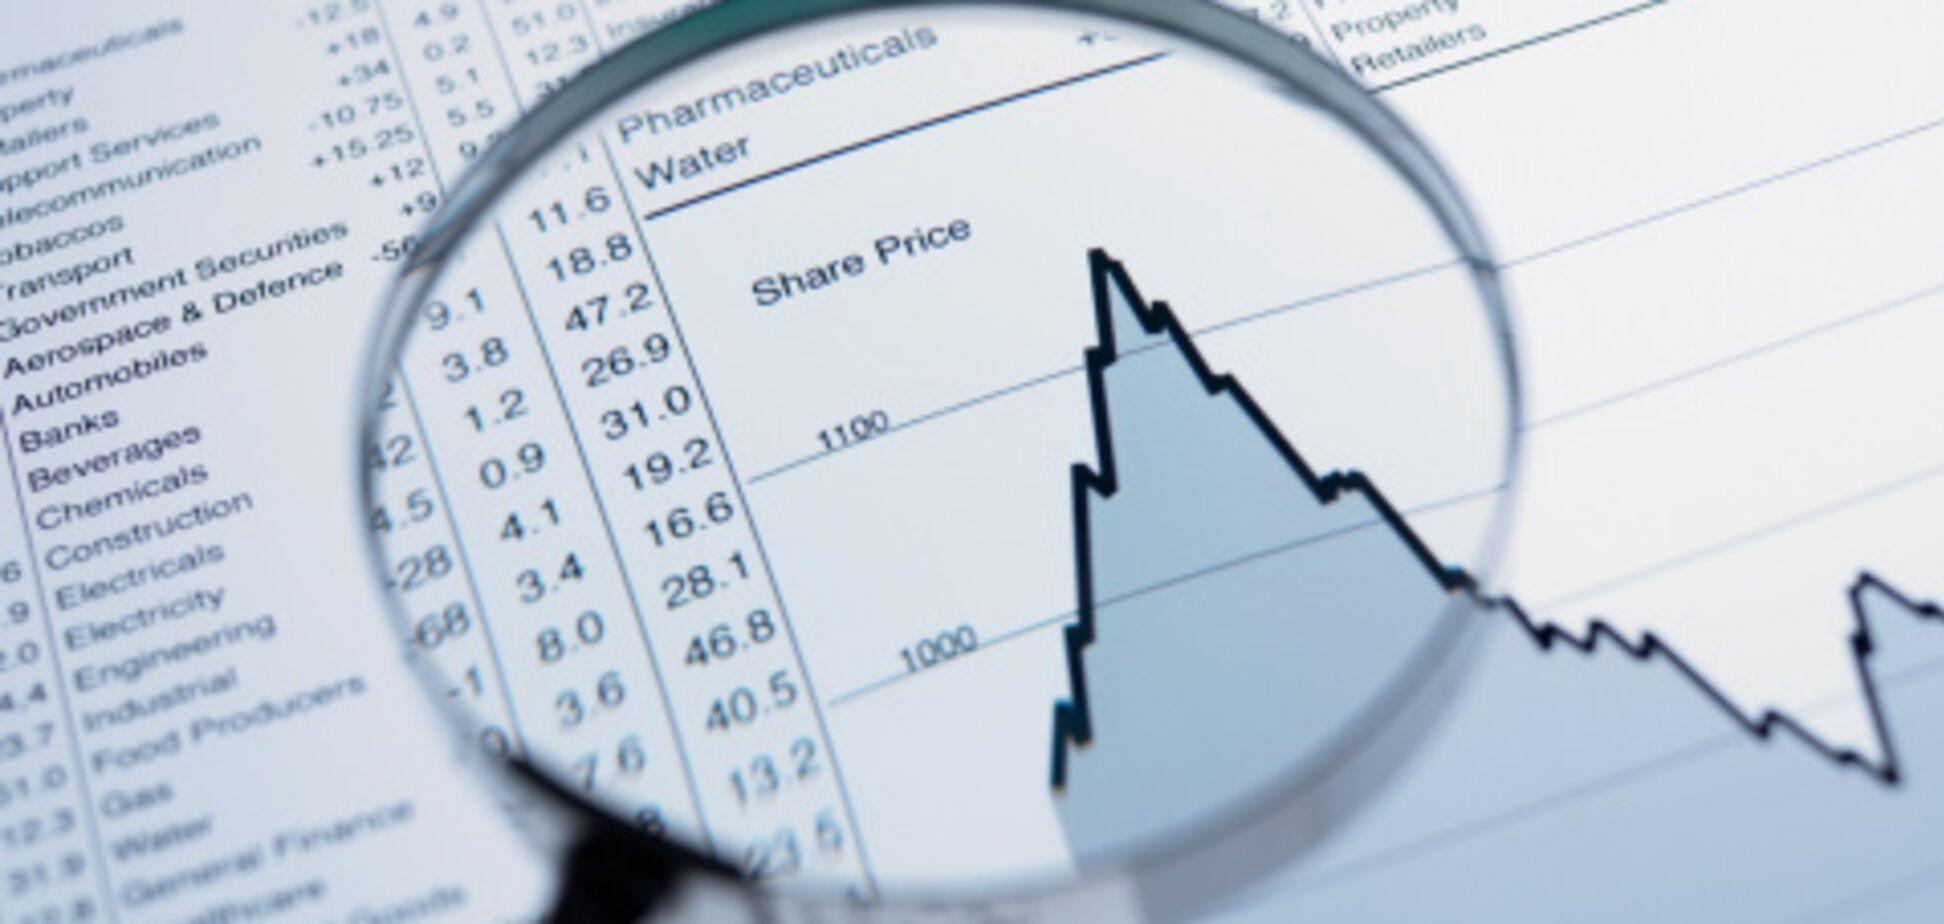 Ціни на електроенергію для людей після введення RAB не виростуть - керівник обленерго